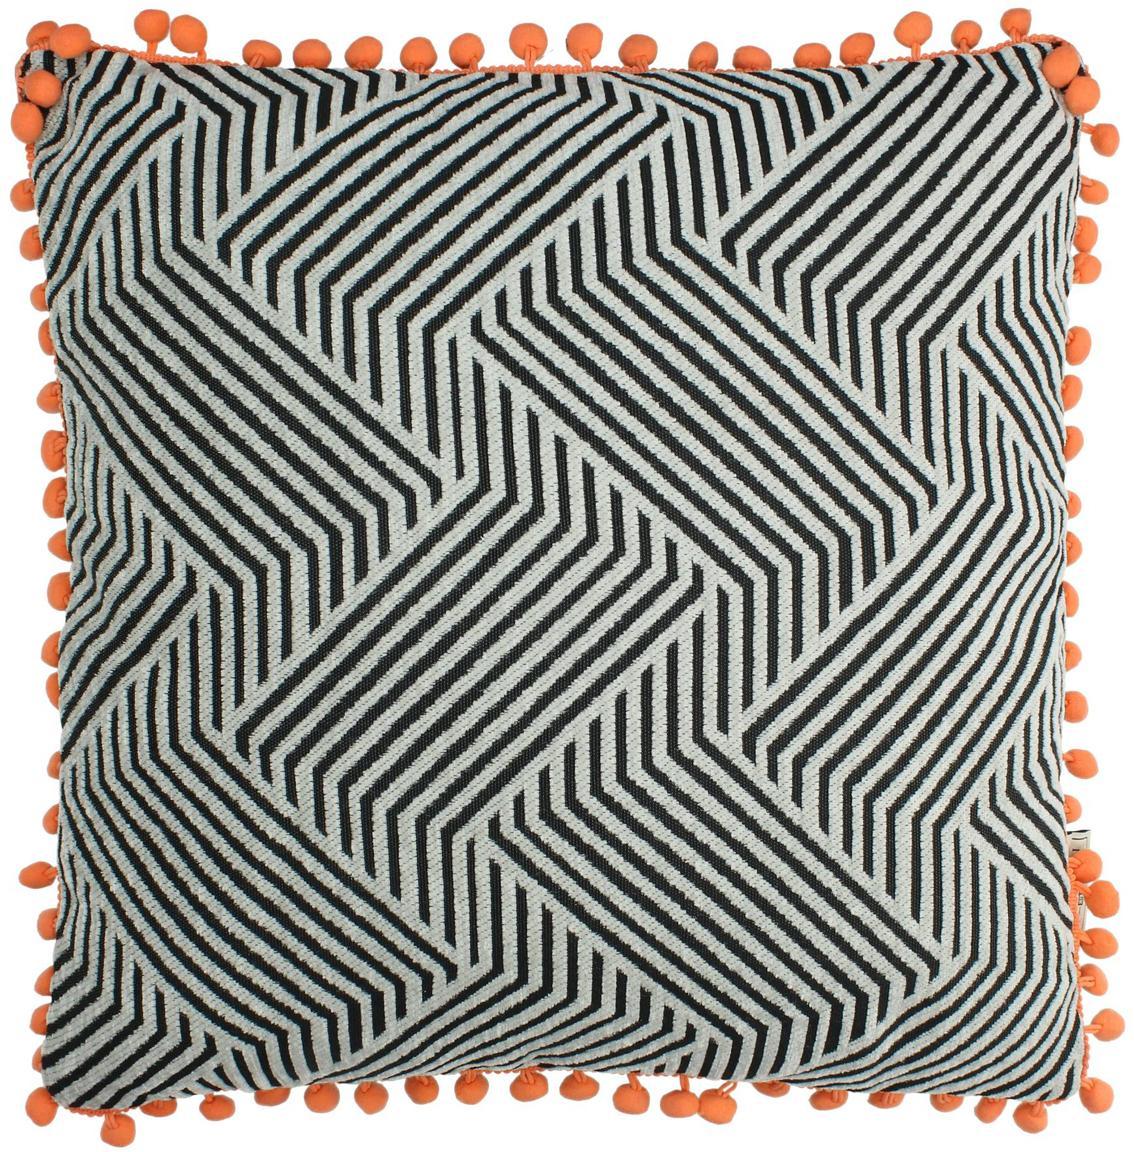 Kussen Waves met oranje pompoms, met vulling, Polyester, Zwart, gebroken wit, oranje, 45 x 45 cm